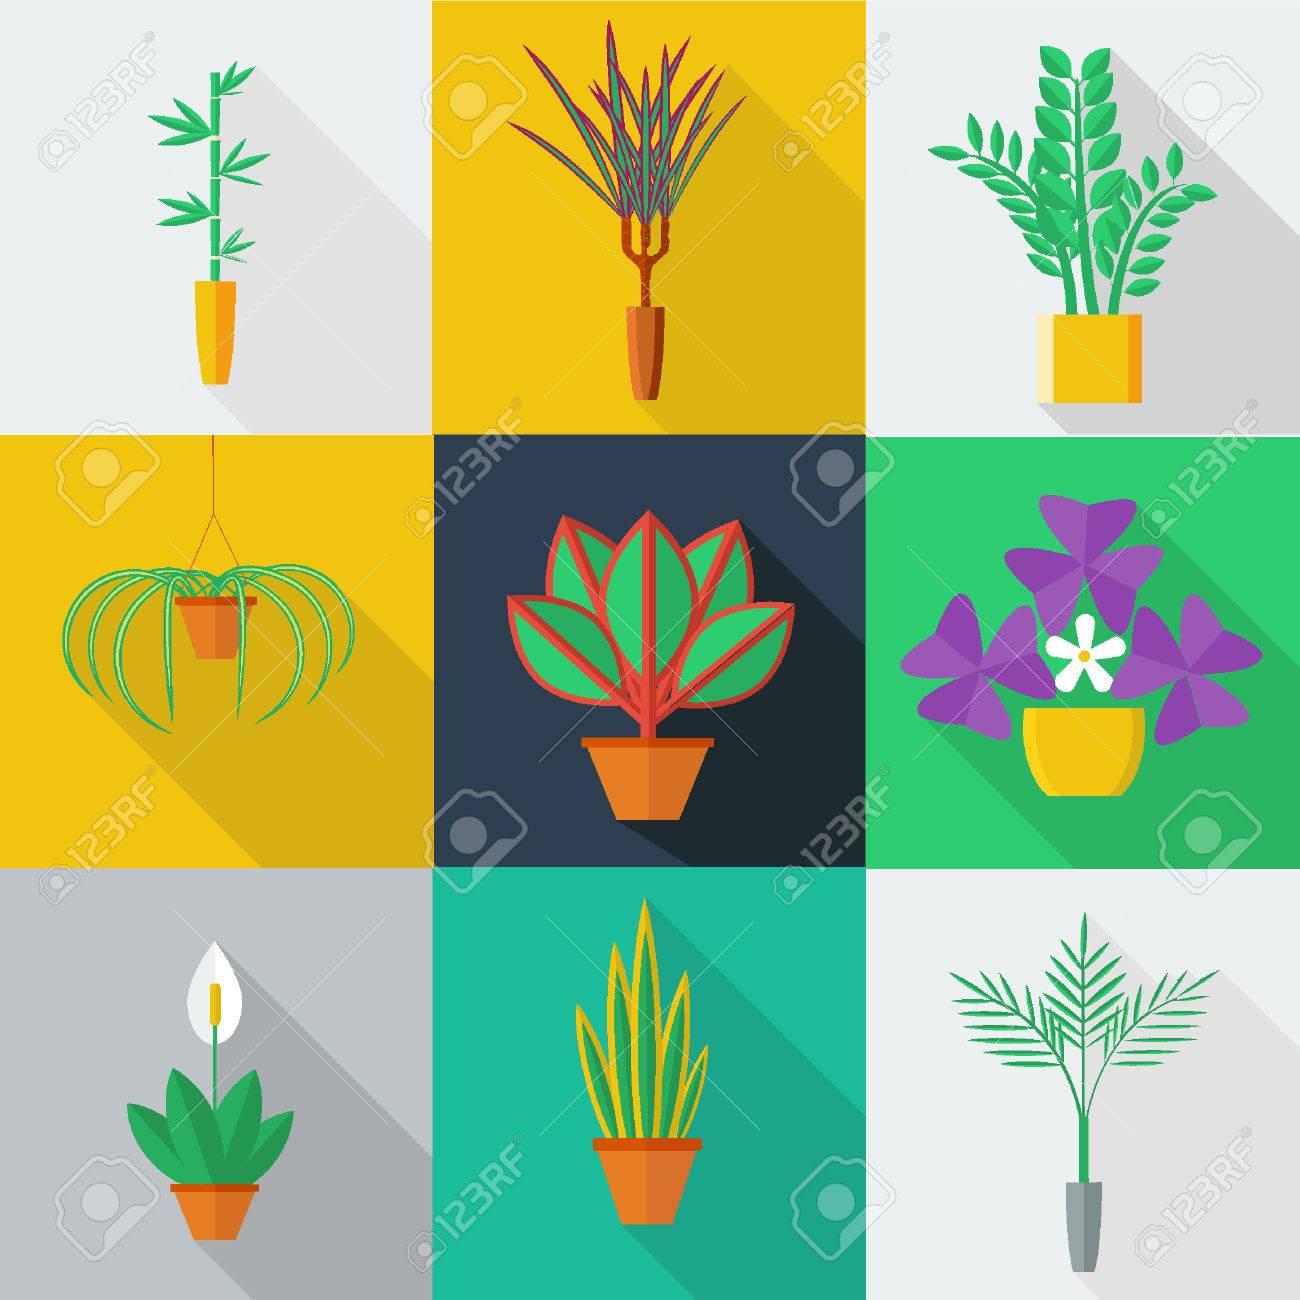 屋内の観葉植物と鍋でオフィスの植物のイラストフラット スタイル